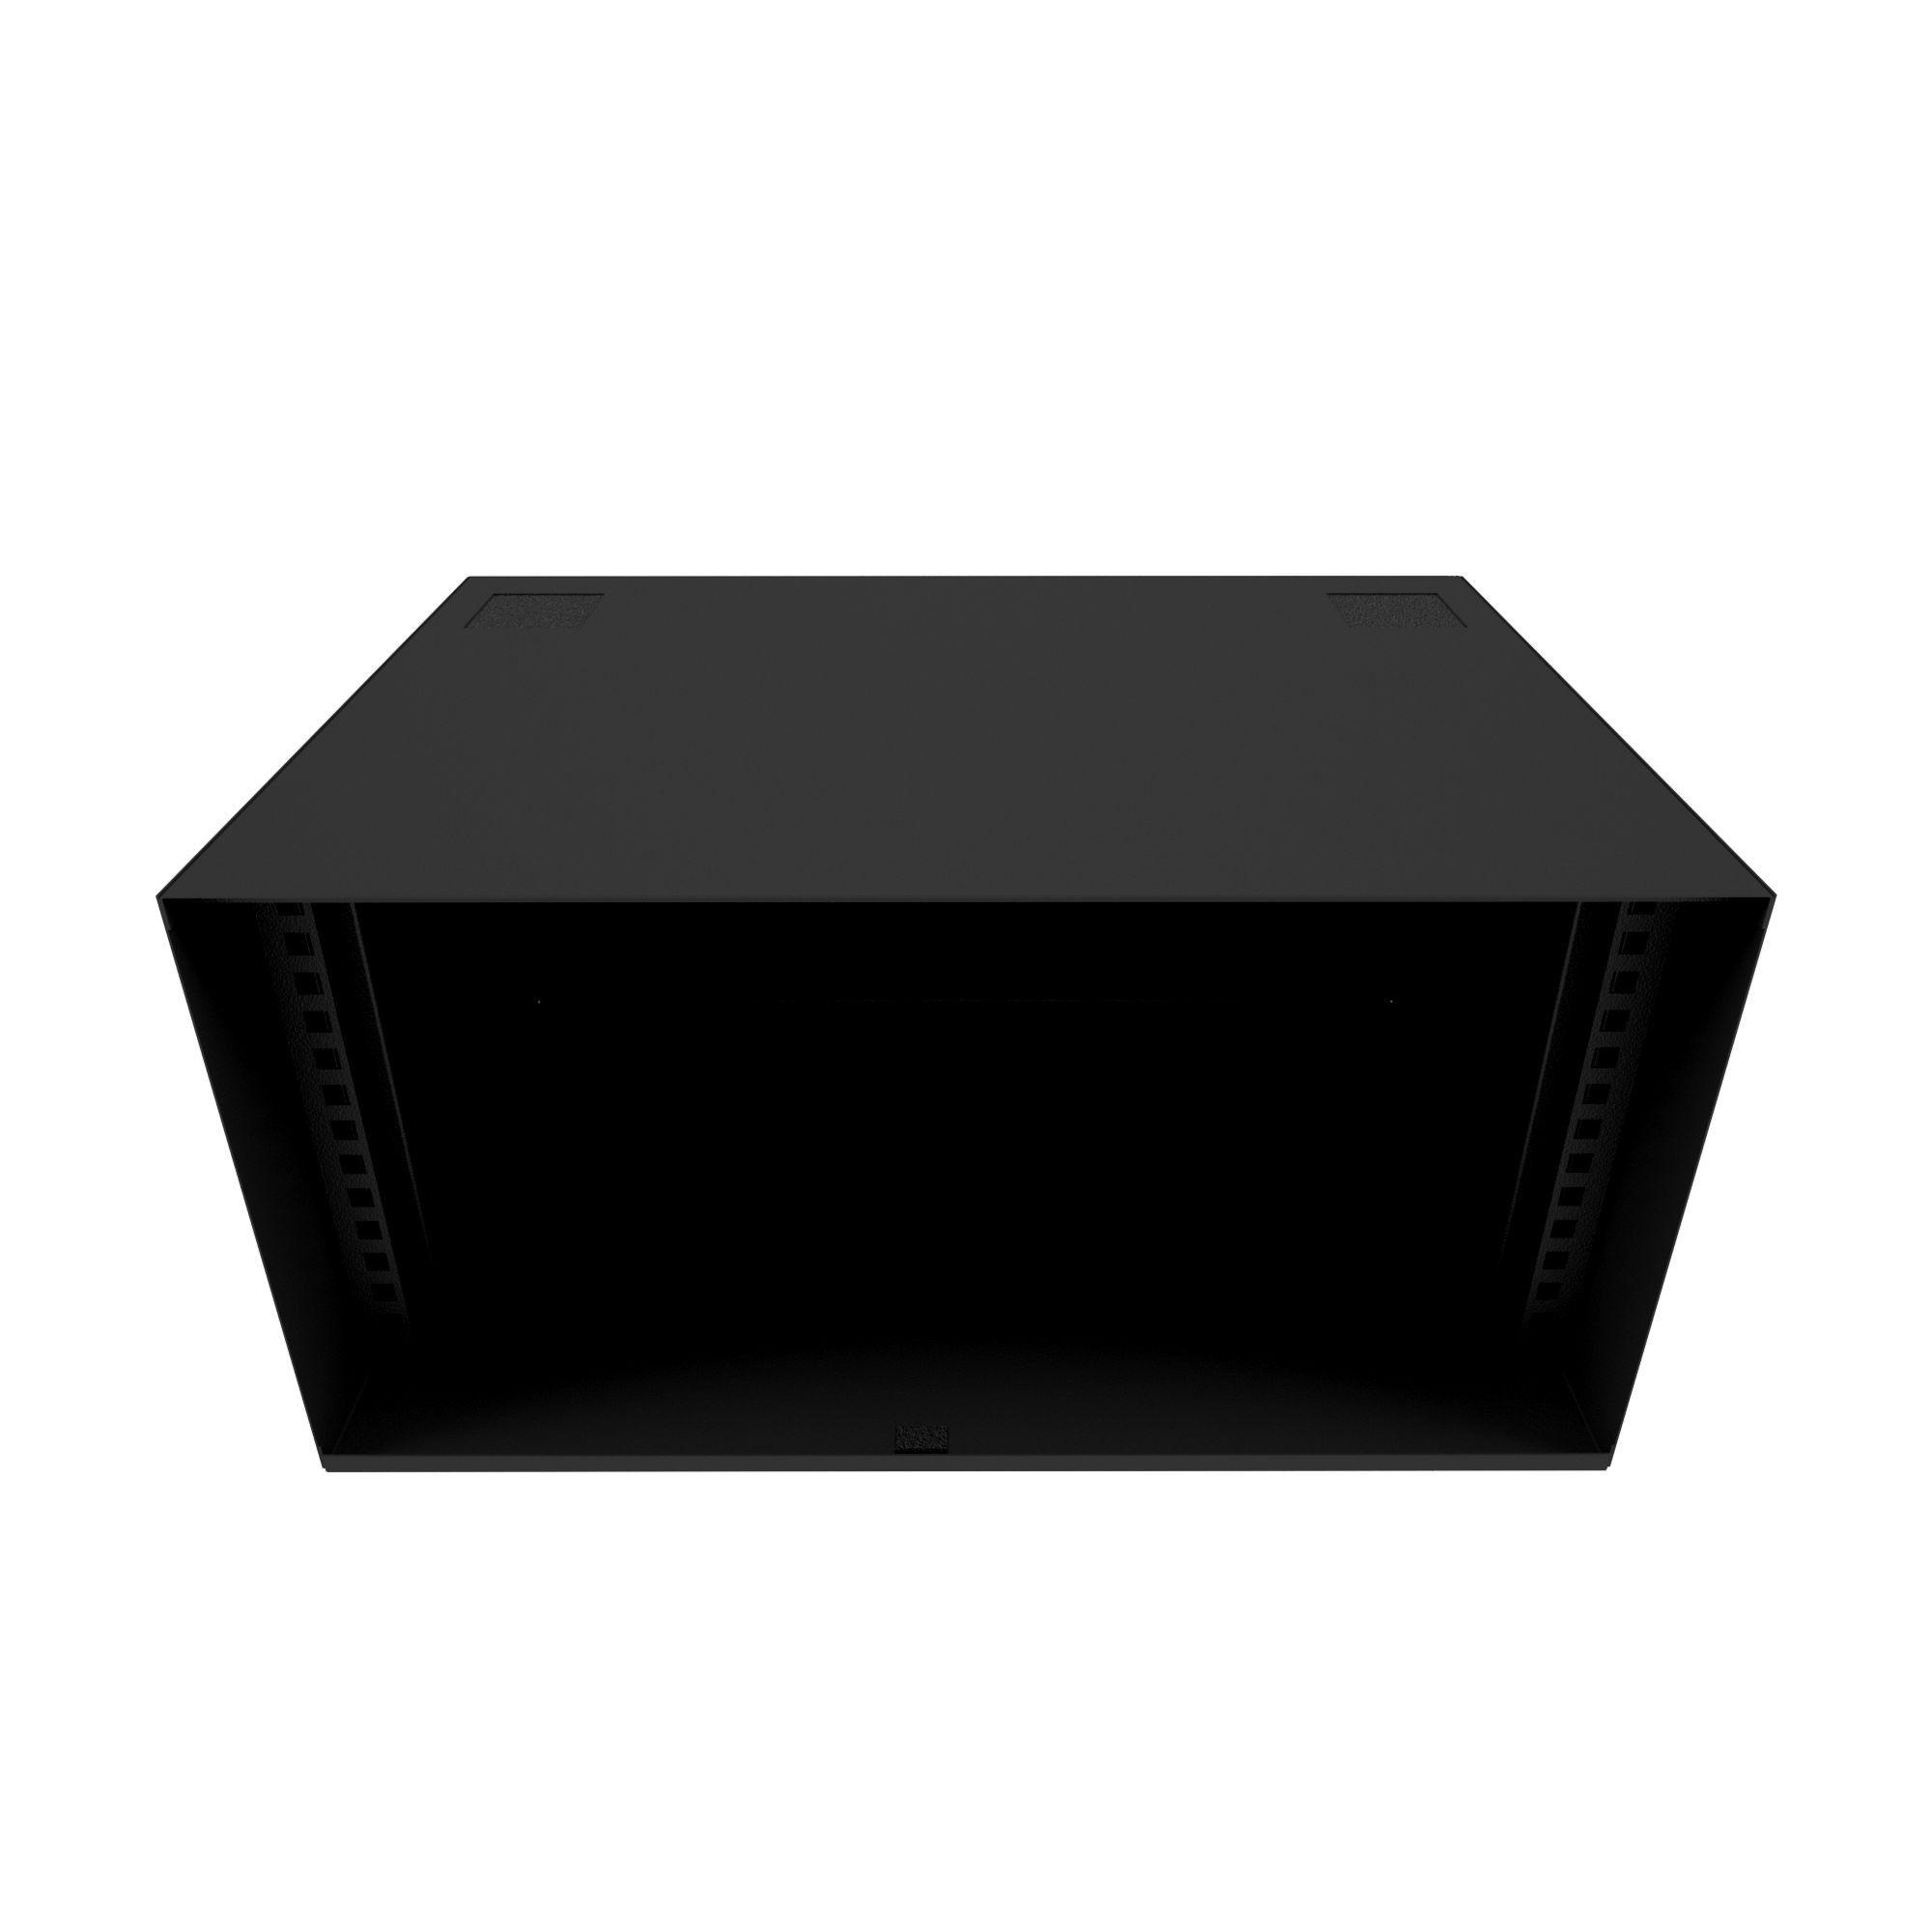 Mini Rack Organizador Padrão 19 5u Acrílico Onix